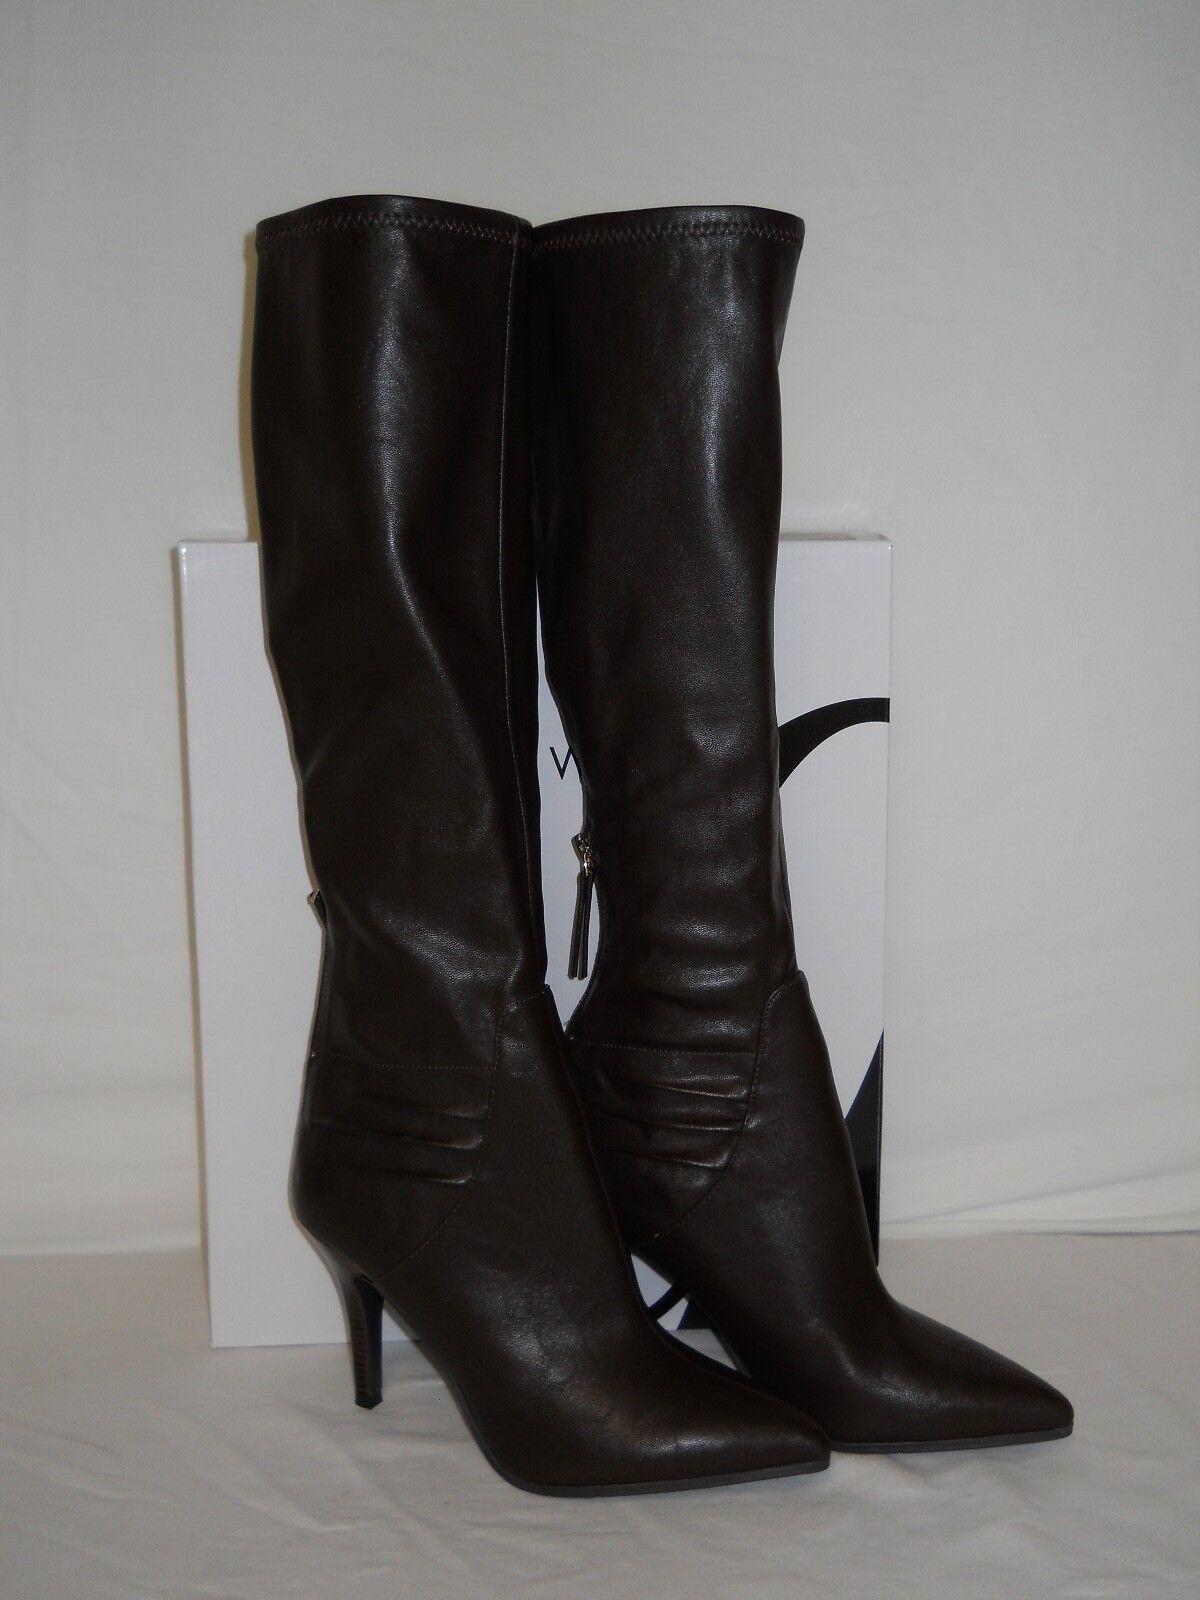 Nine West New Damenschuhe Fairvinda Dark Braun Stiefel 5.5 M Schuhes NWB